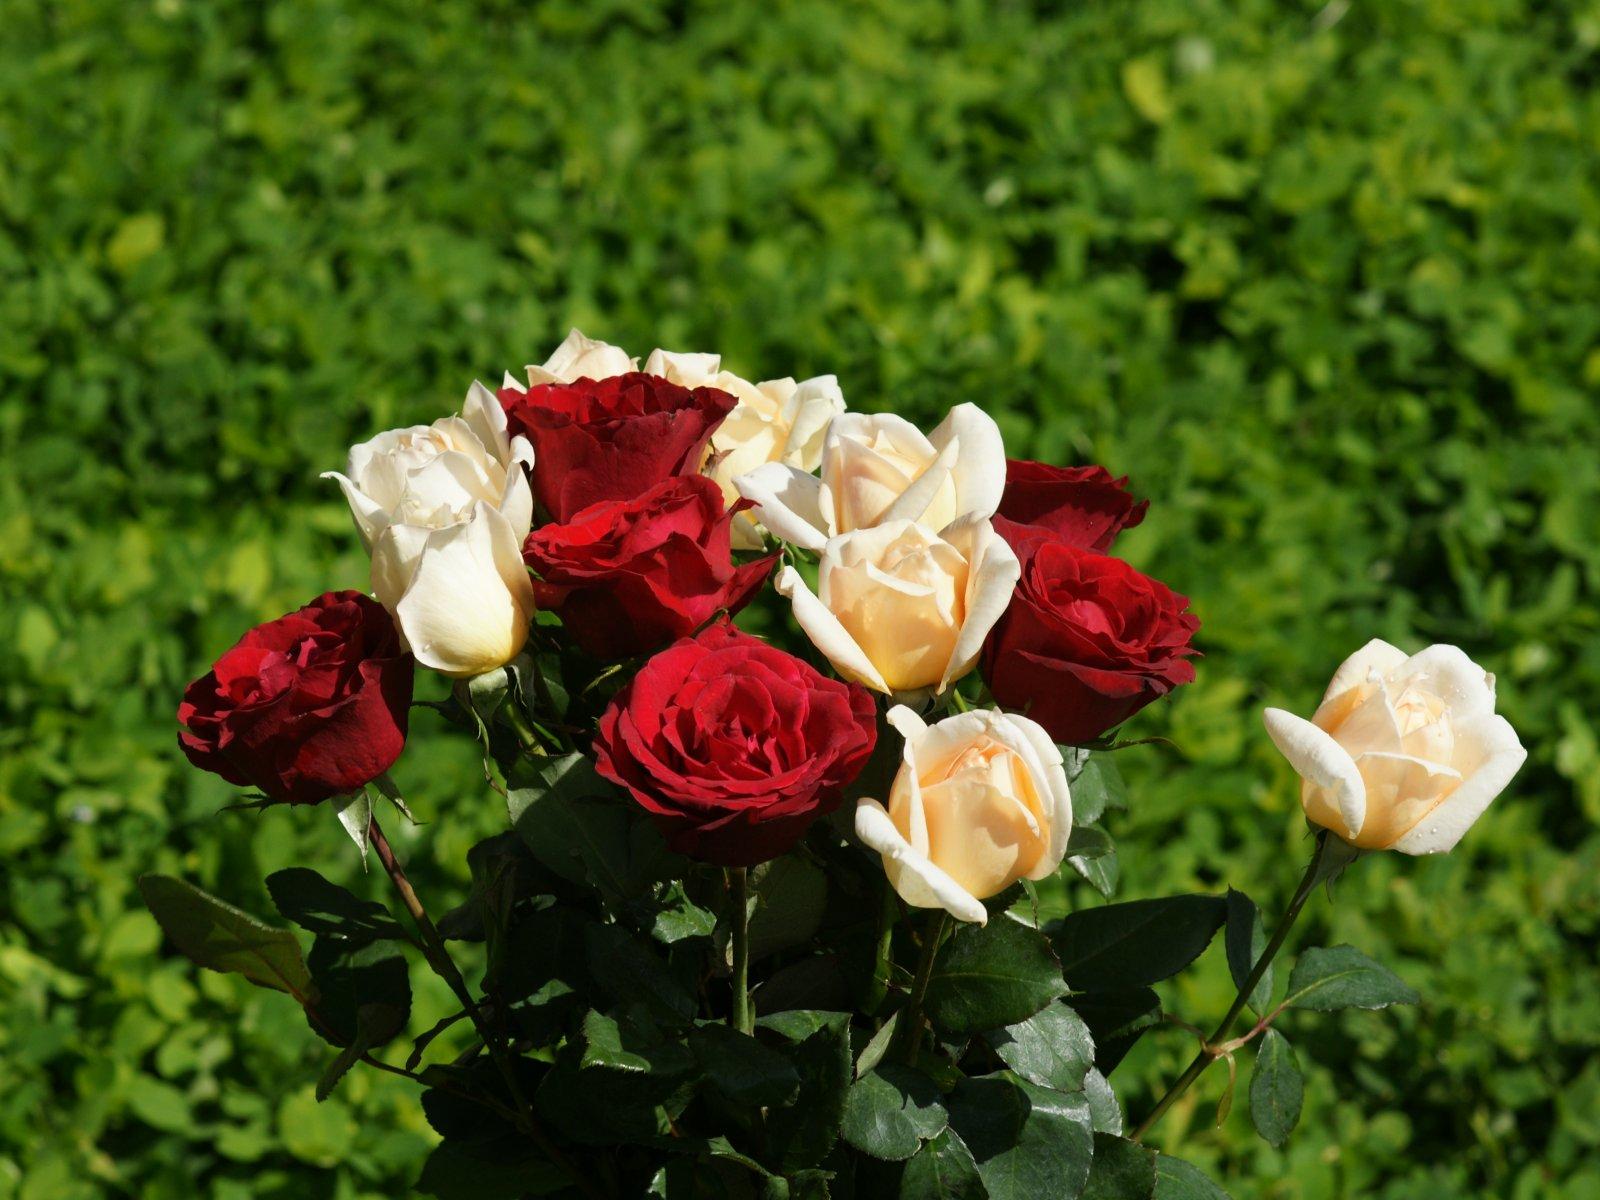 Bouquets de roses fonds d 39 cran grand bouquet de roses - Image bouquet de roses gratuit ...